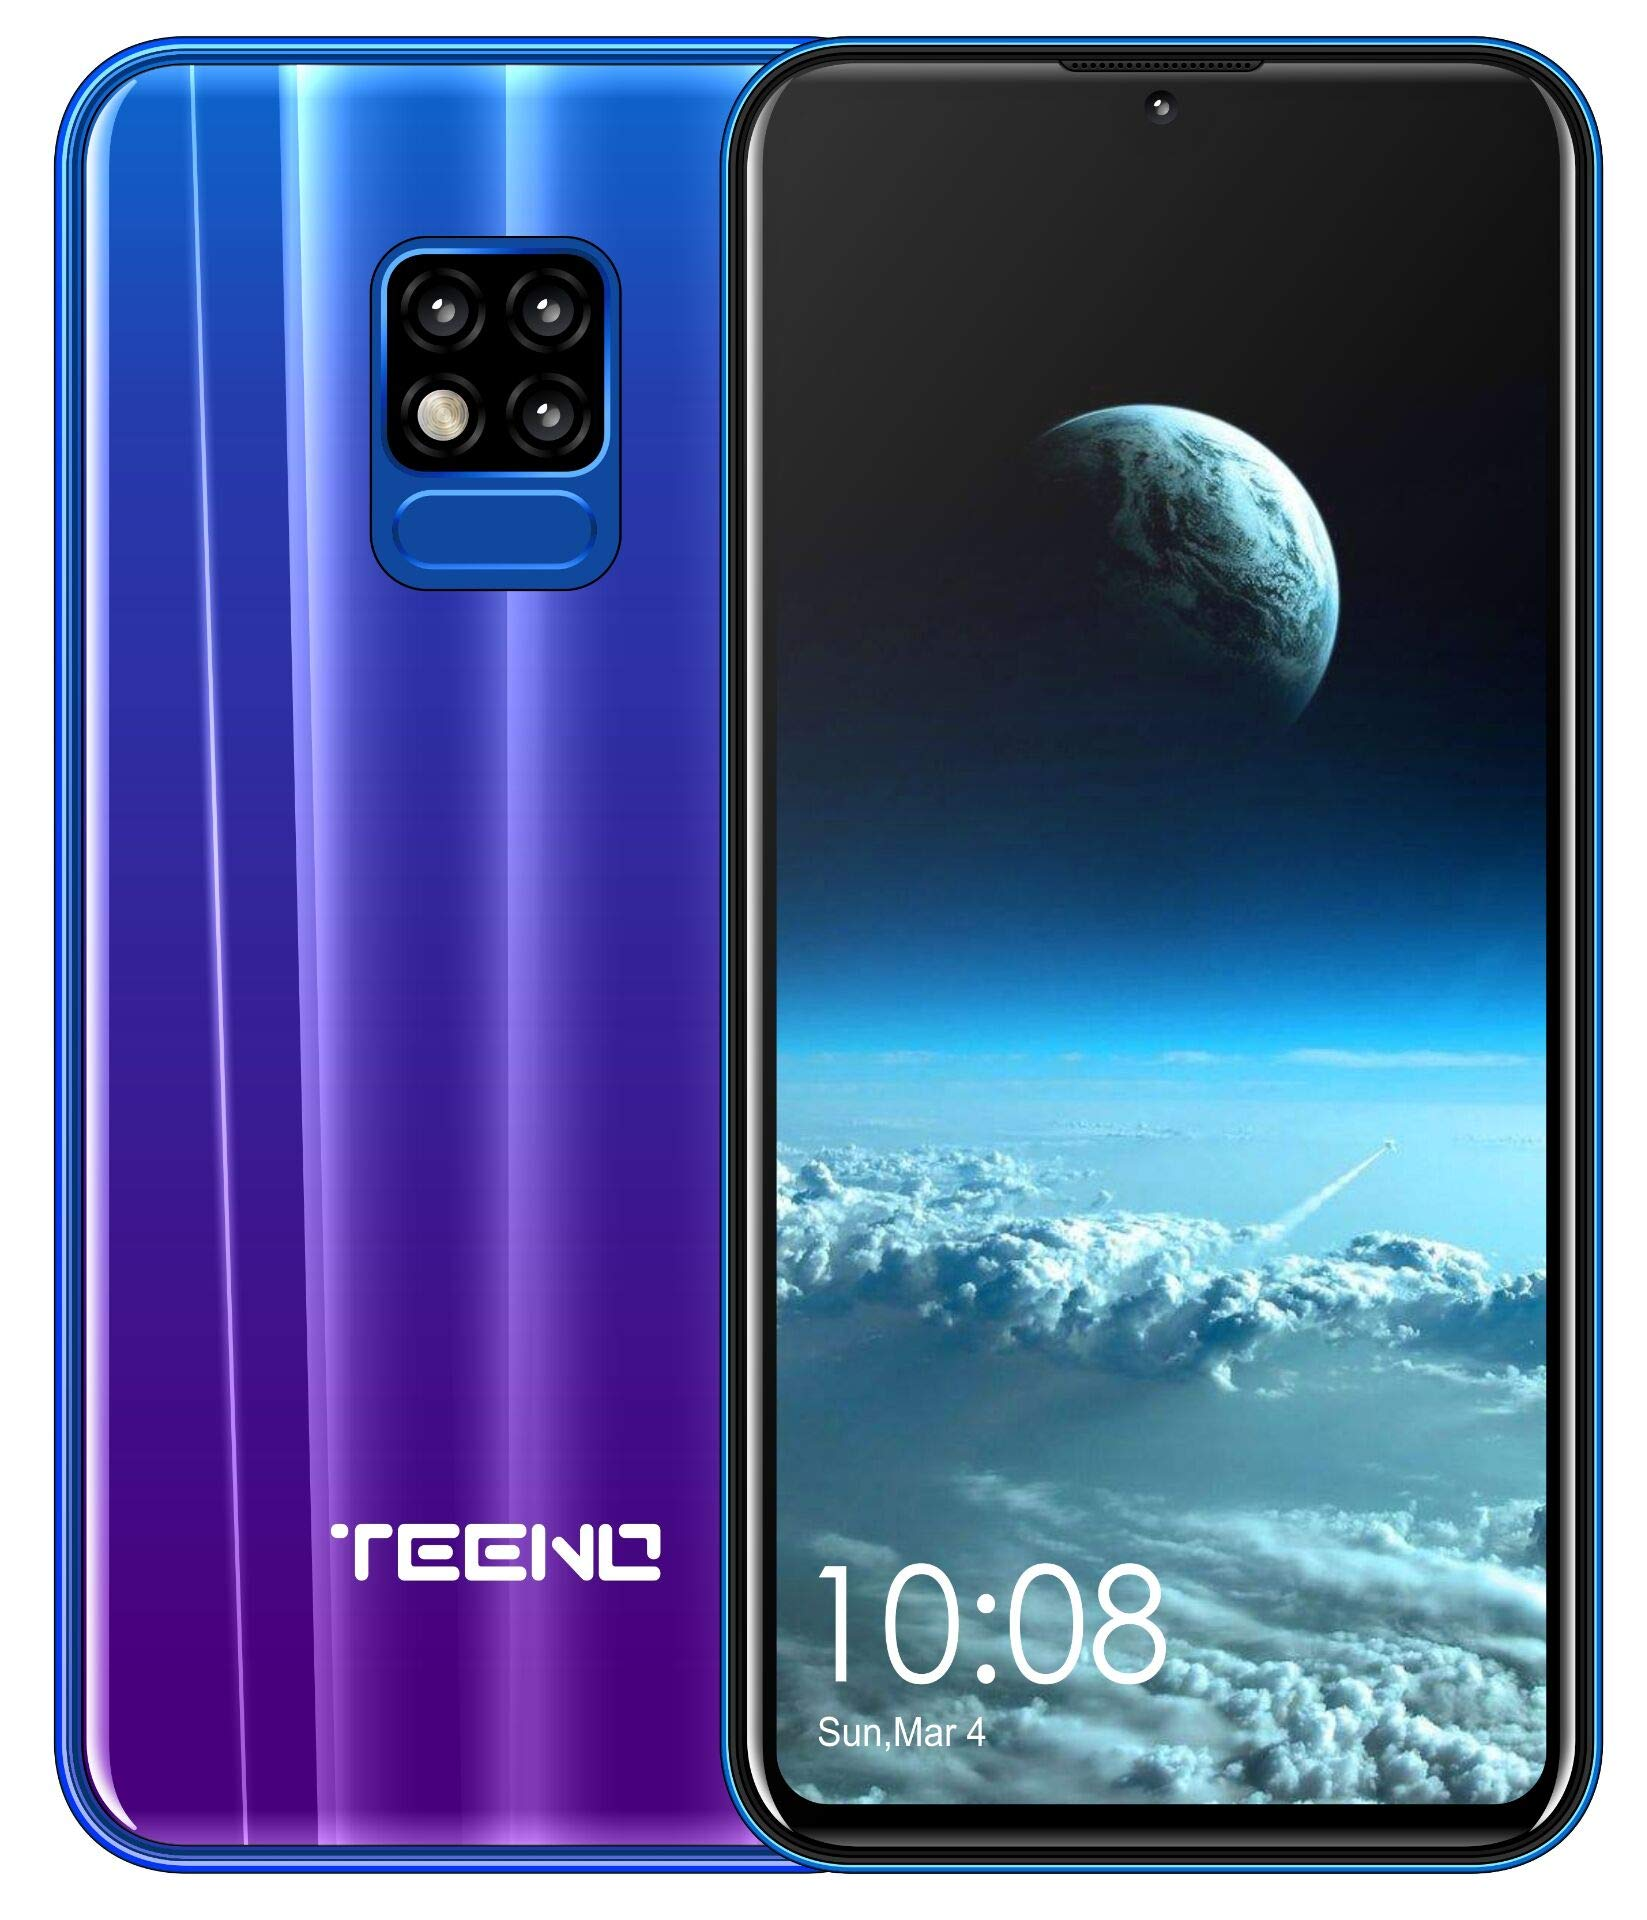 TEENO Moviles Libres 4G,6.2 Pulgadas 3GB RAM+32GB ROM Una Camara,Dual Micro SIM,SD Card,Android Smartphone Libres (Púrpura): Amazon.es: Electrónica